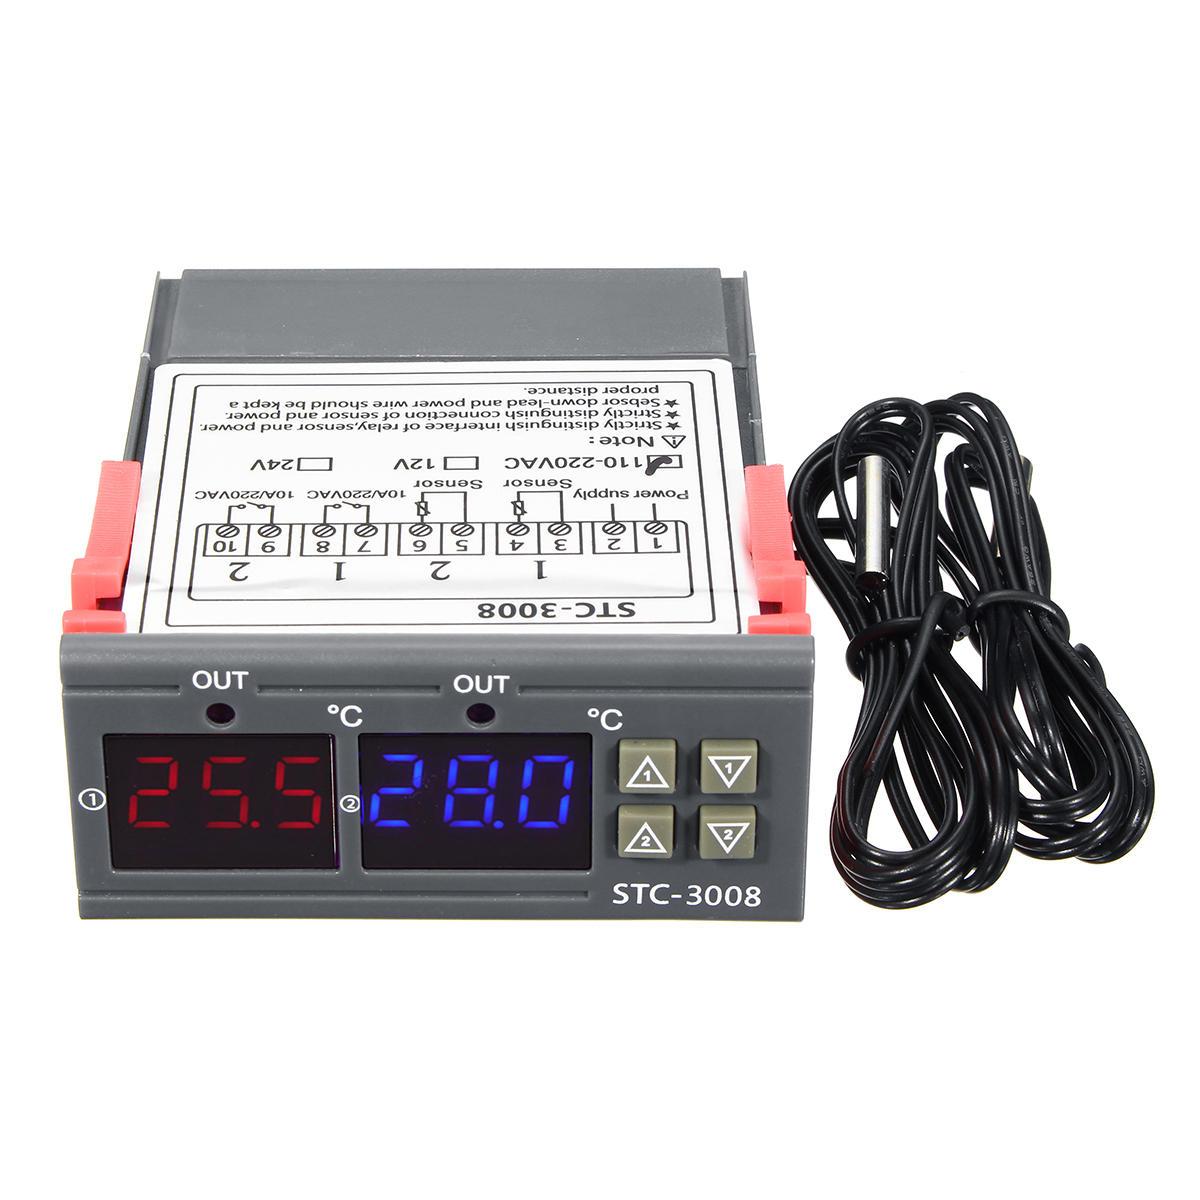 110-220V STC-3028 Nhiệt độ phân tán Độ ẩm Bộ điều khiển nhiệt độ Điều khiển độ ẩm Nhiệt kế Điều khiển ẩm kế